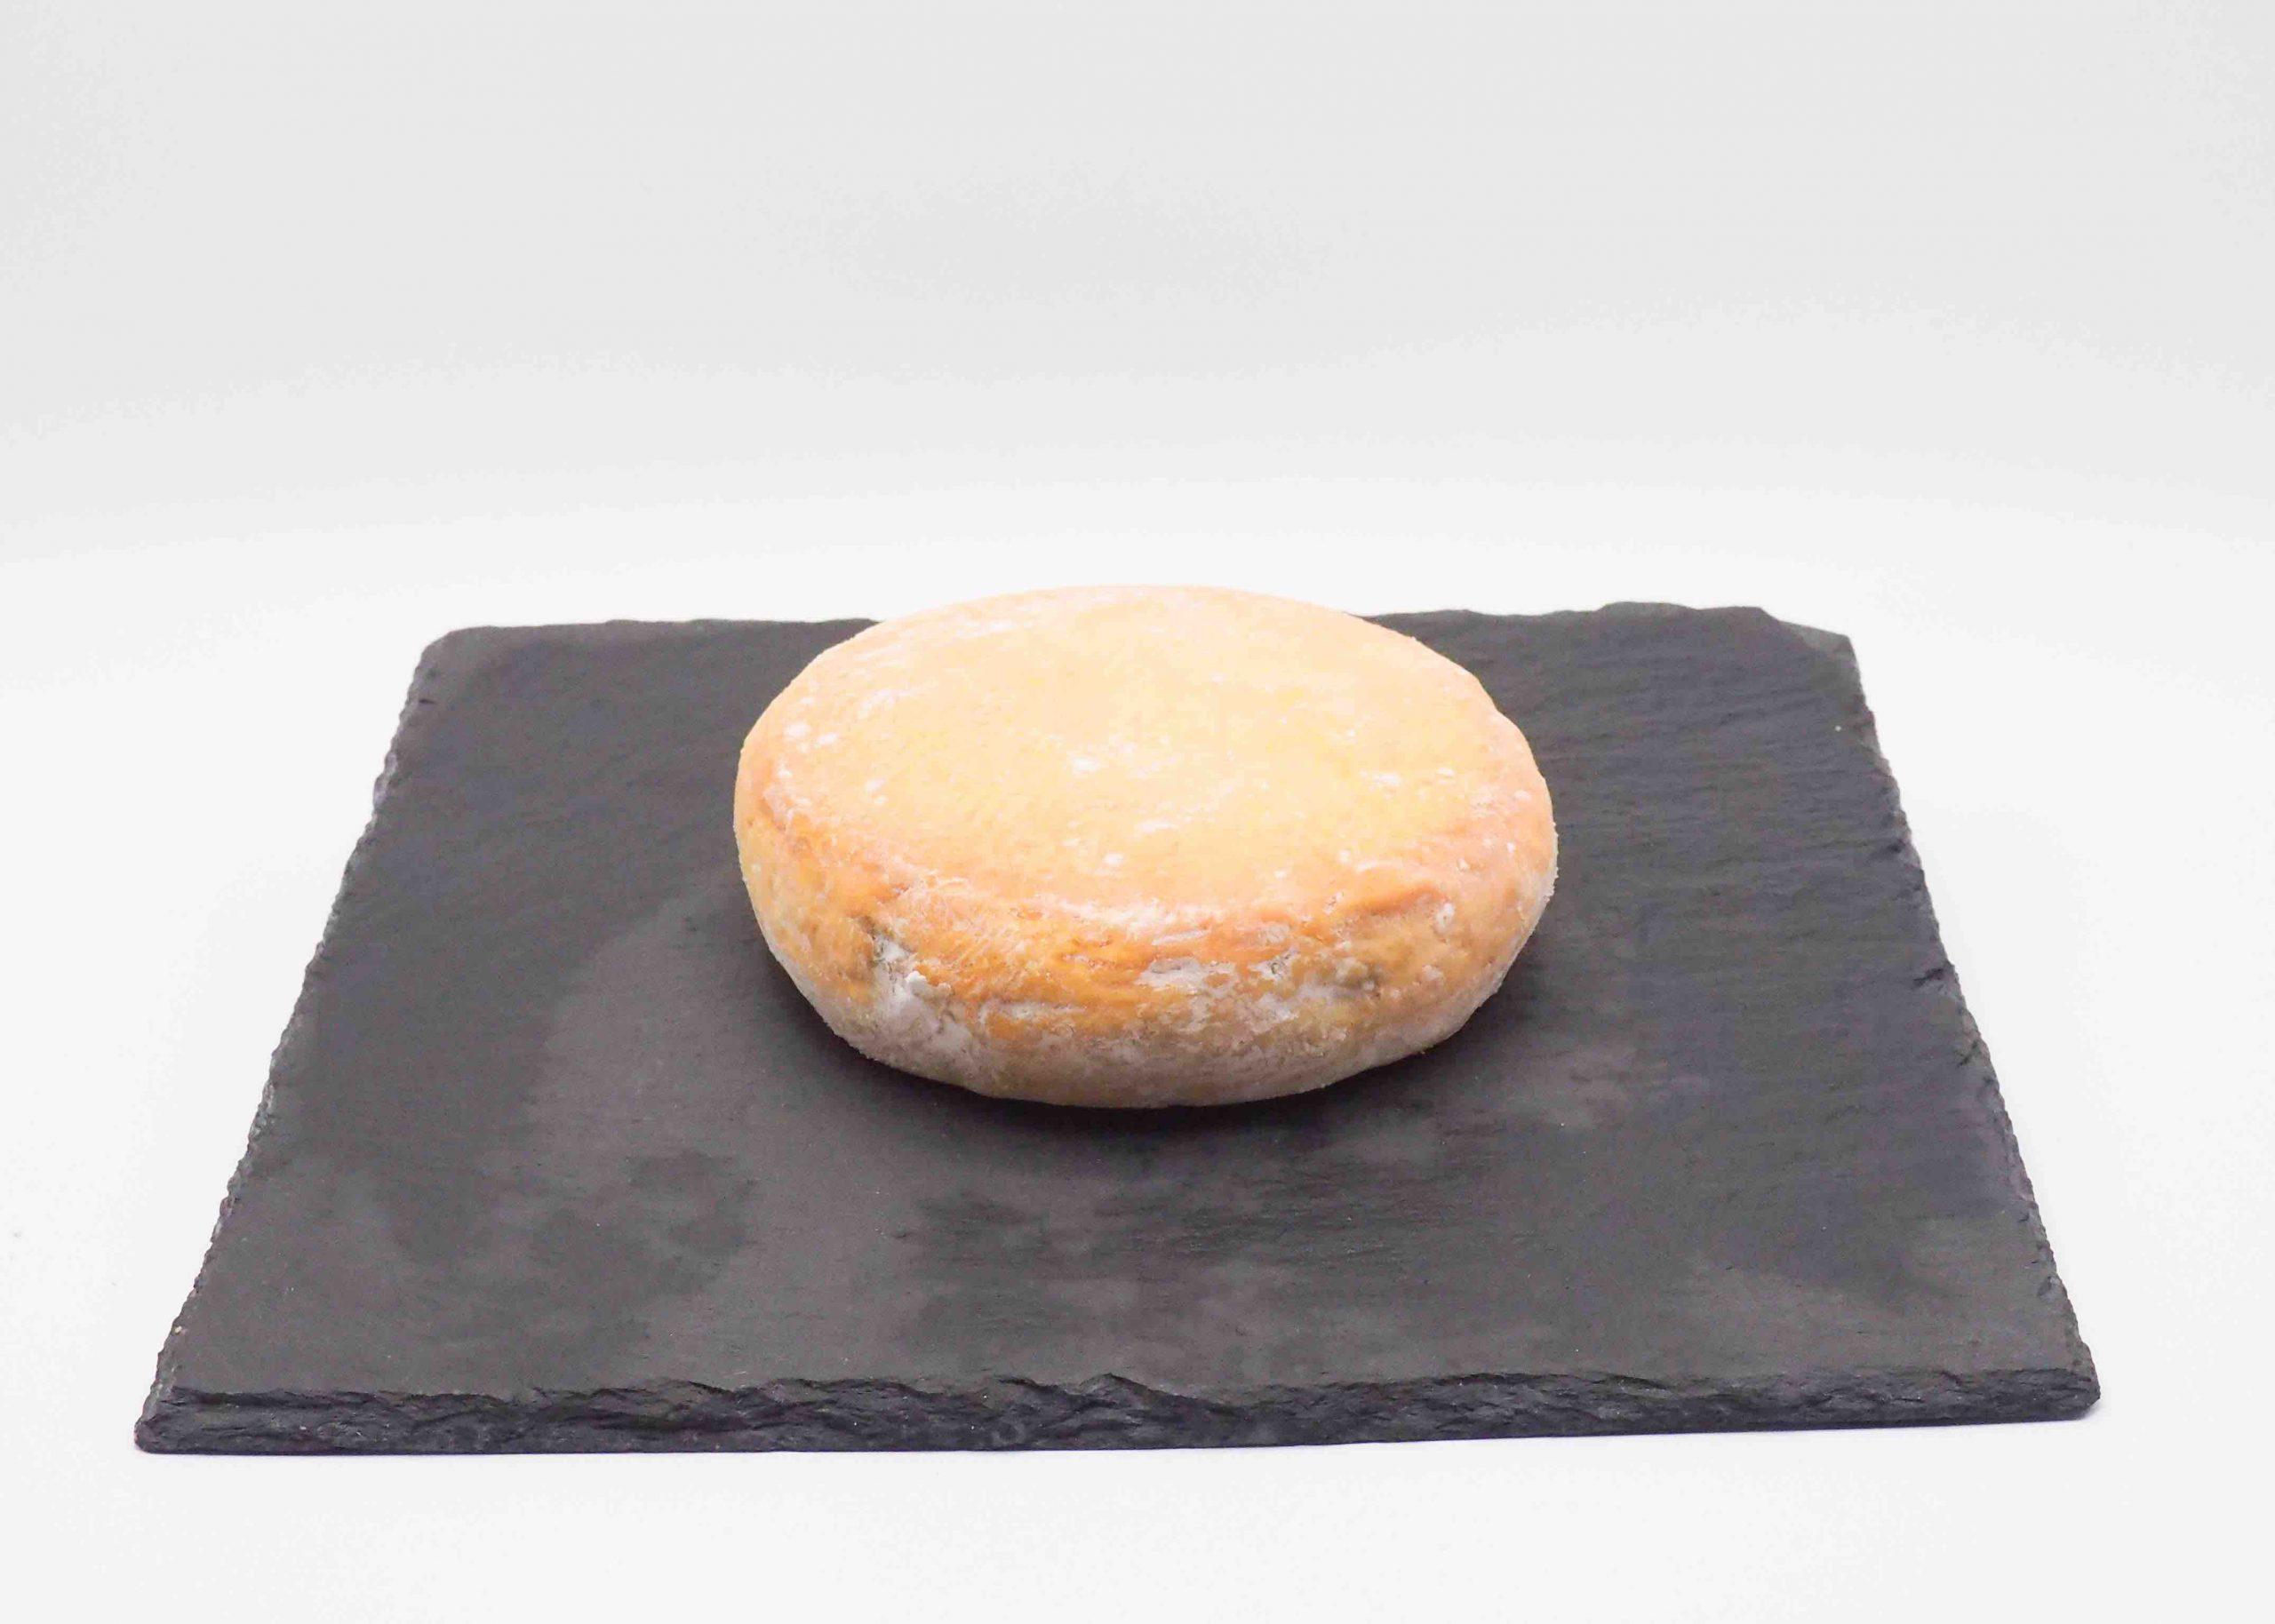 Achetez le Petit Fiancé. Vente de fromage en ligne par un Meilleur Ouvrier de France